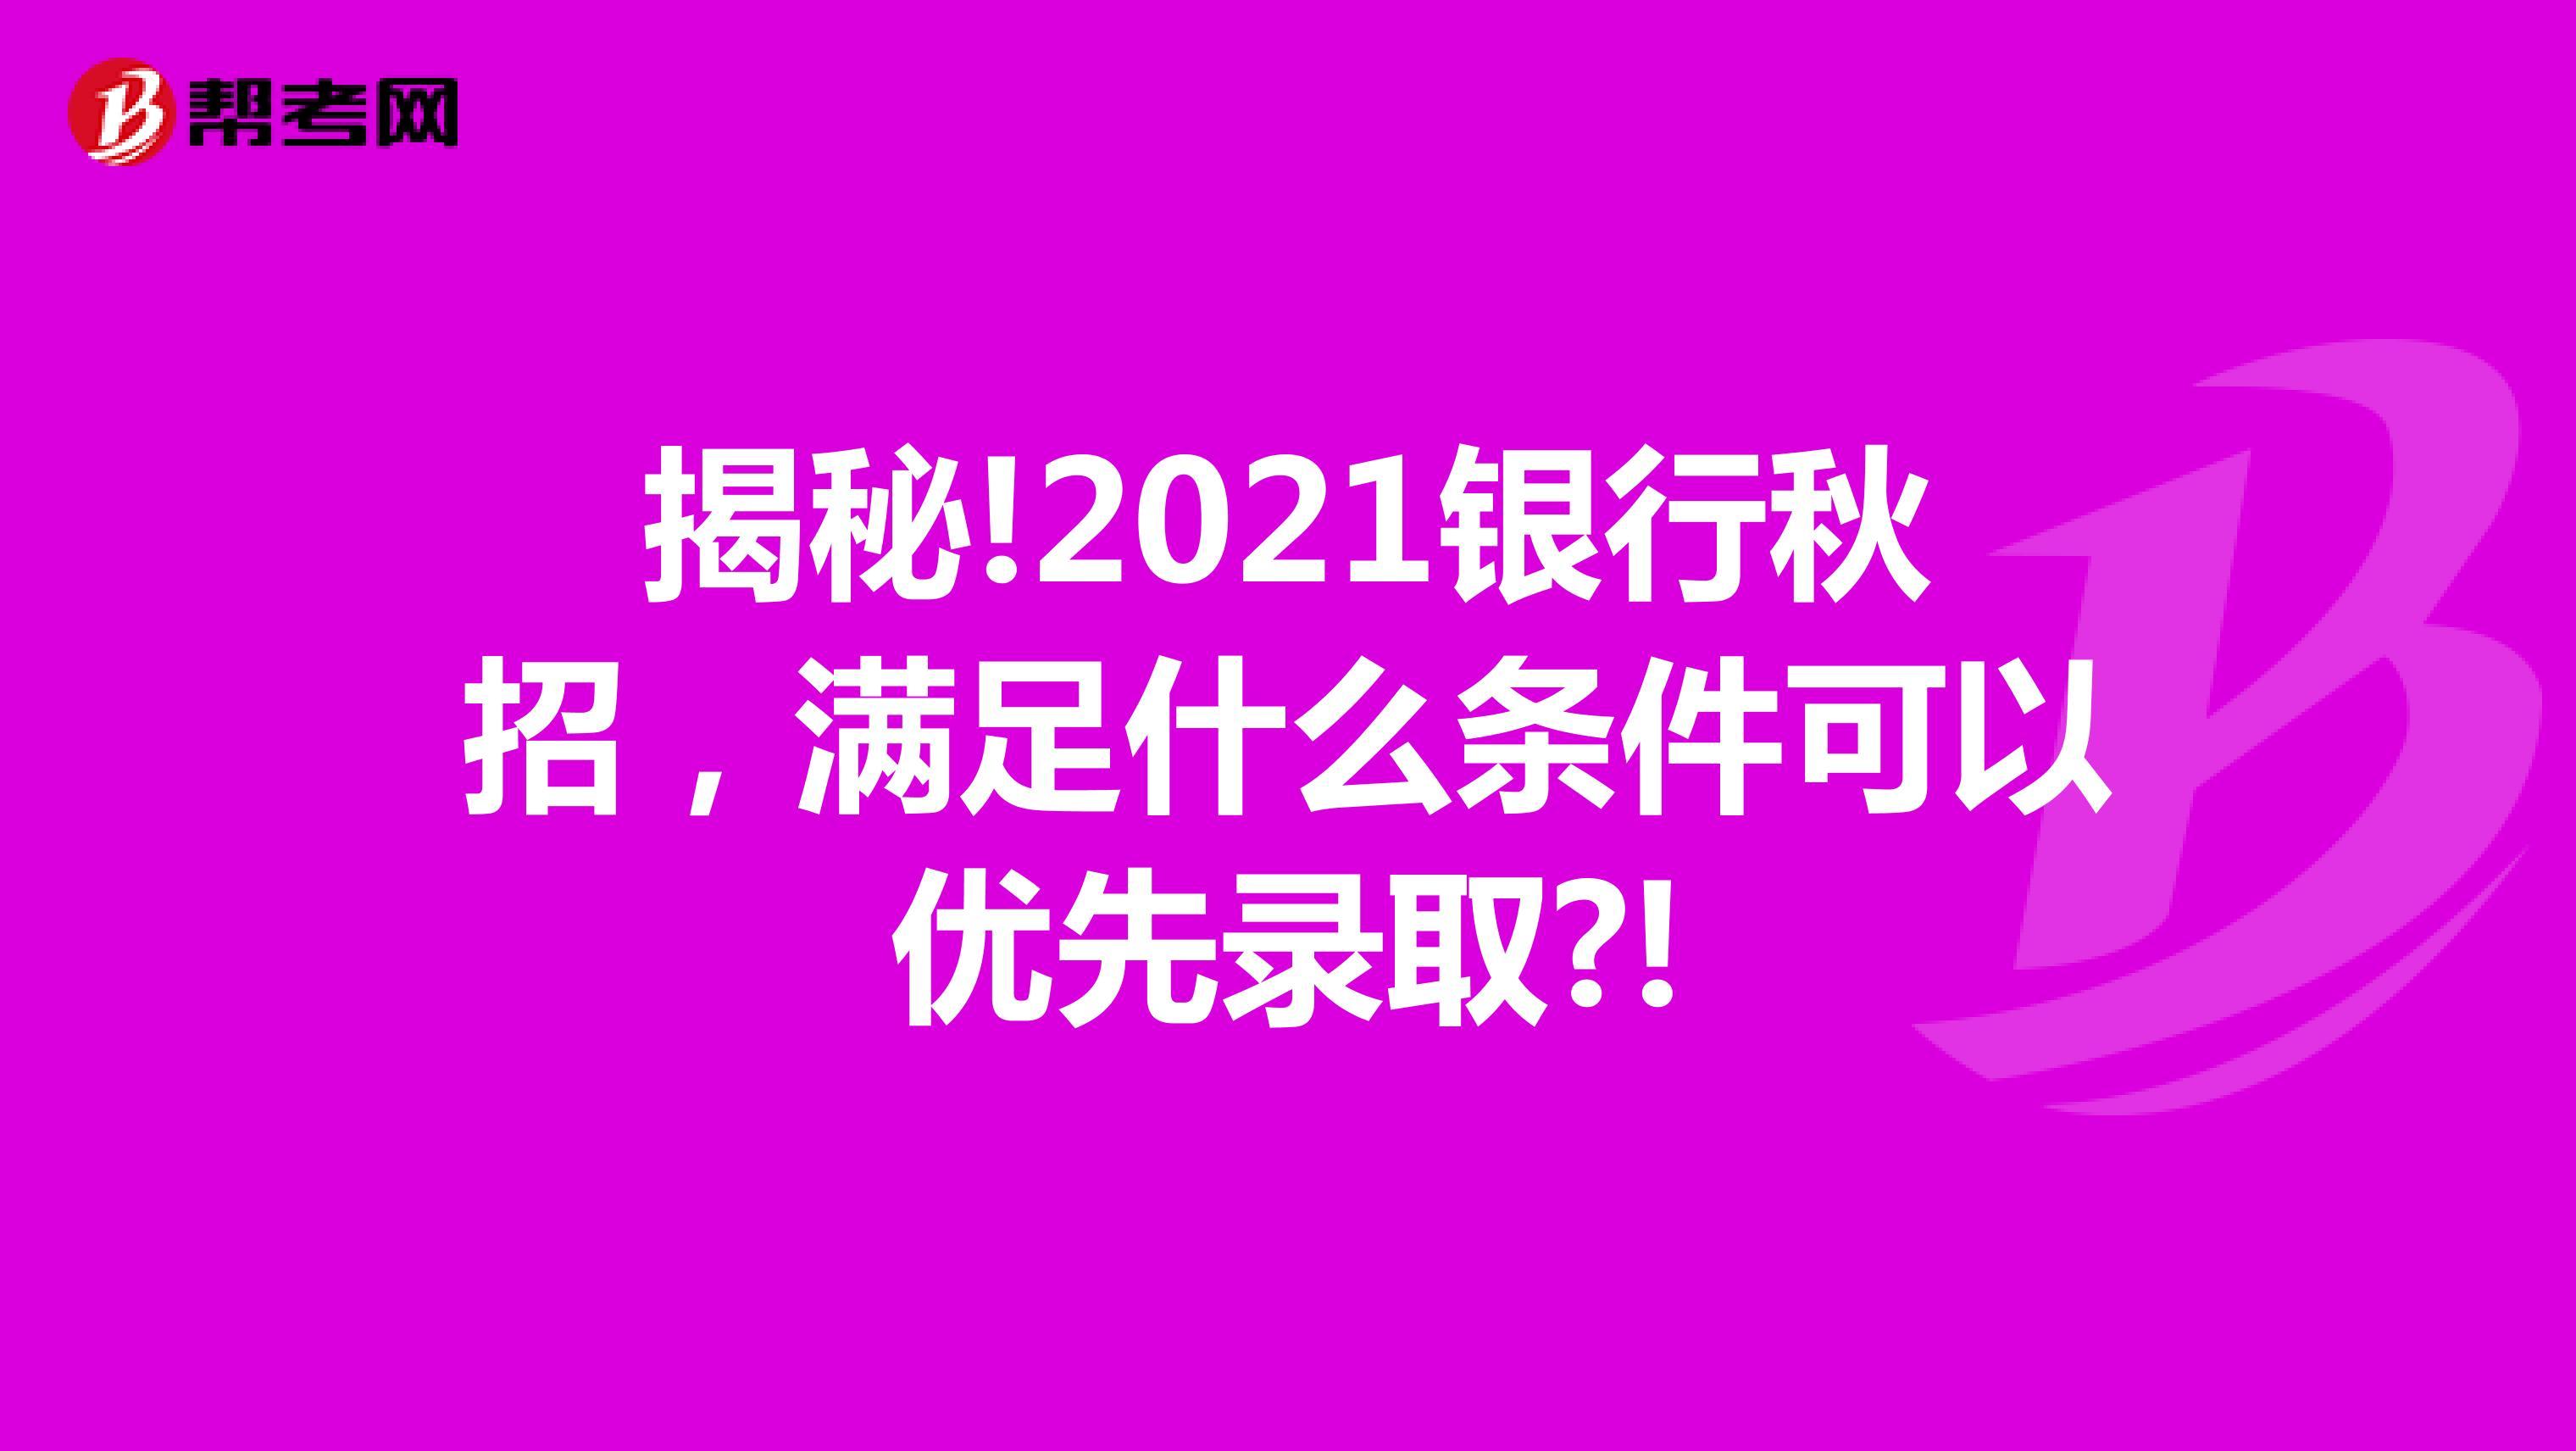 揭秘!2021银行秋招,满足什么条件可以优先录取?